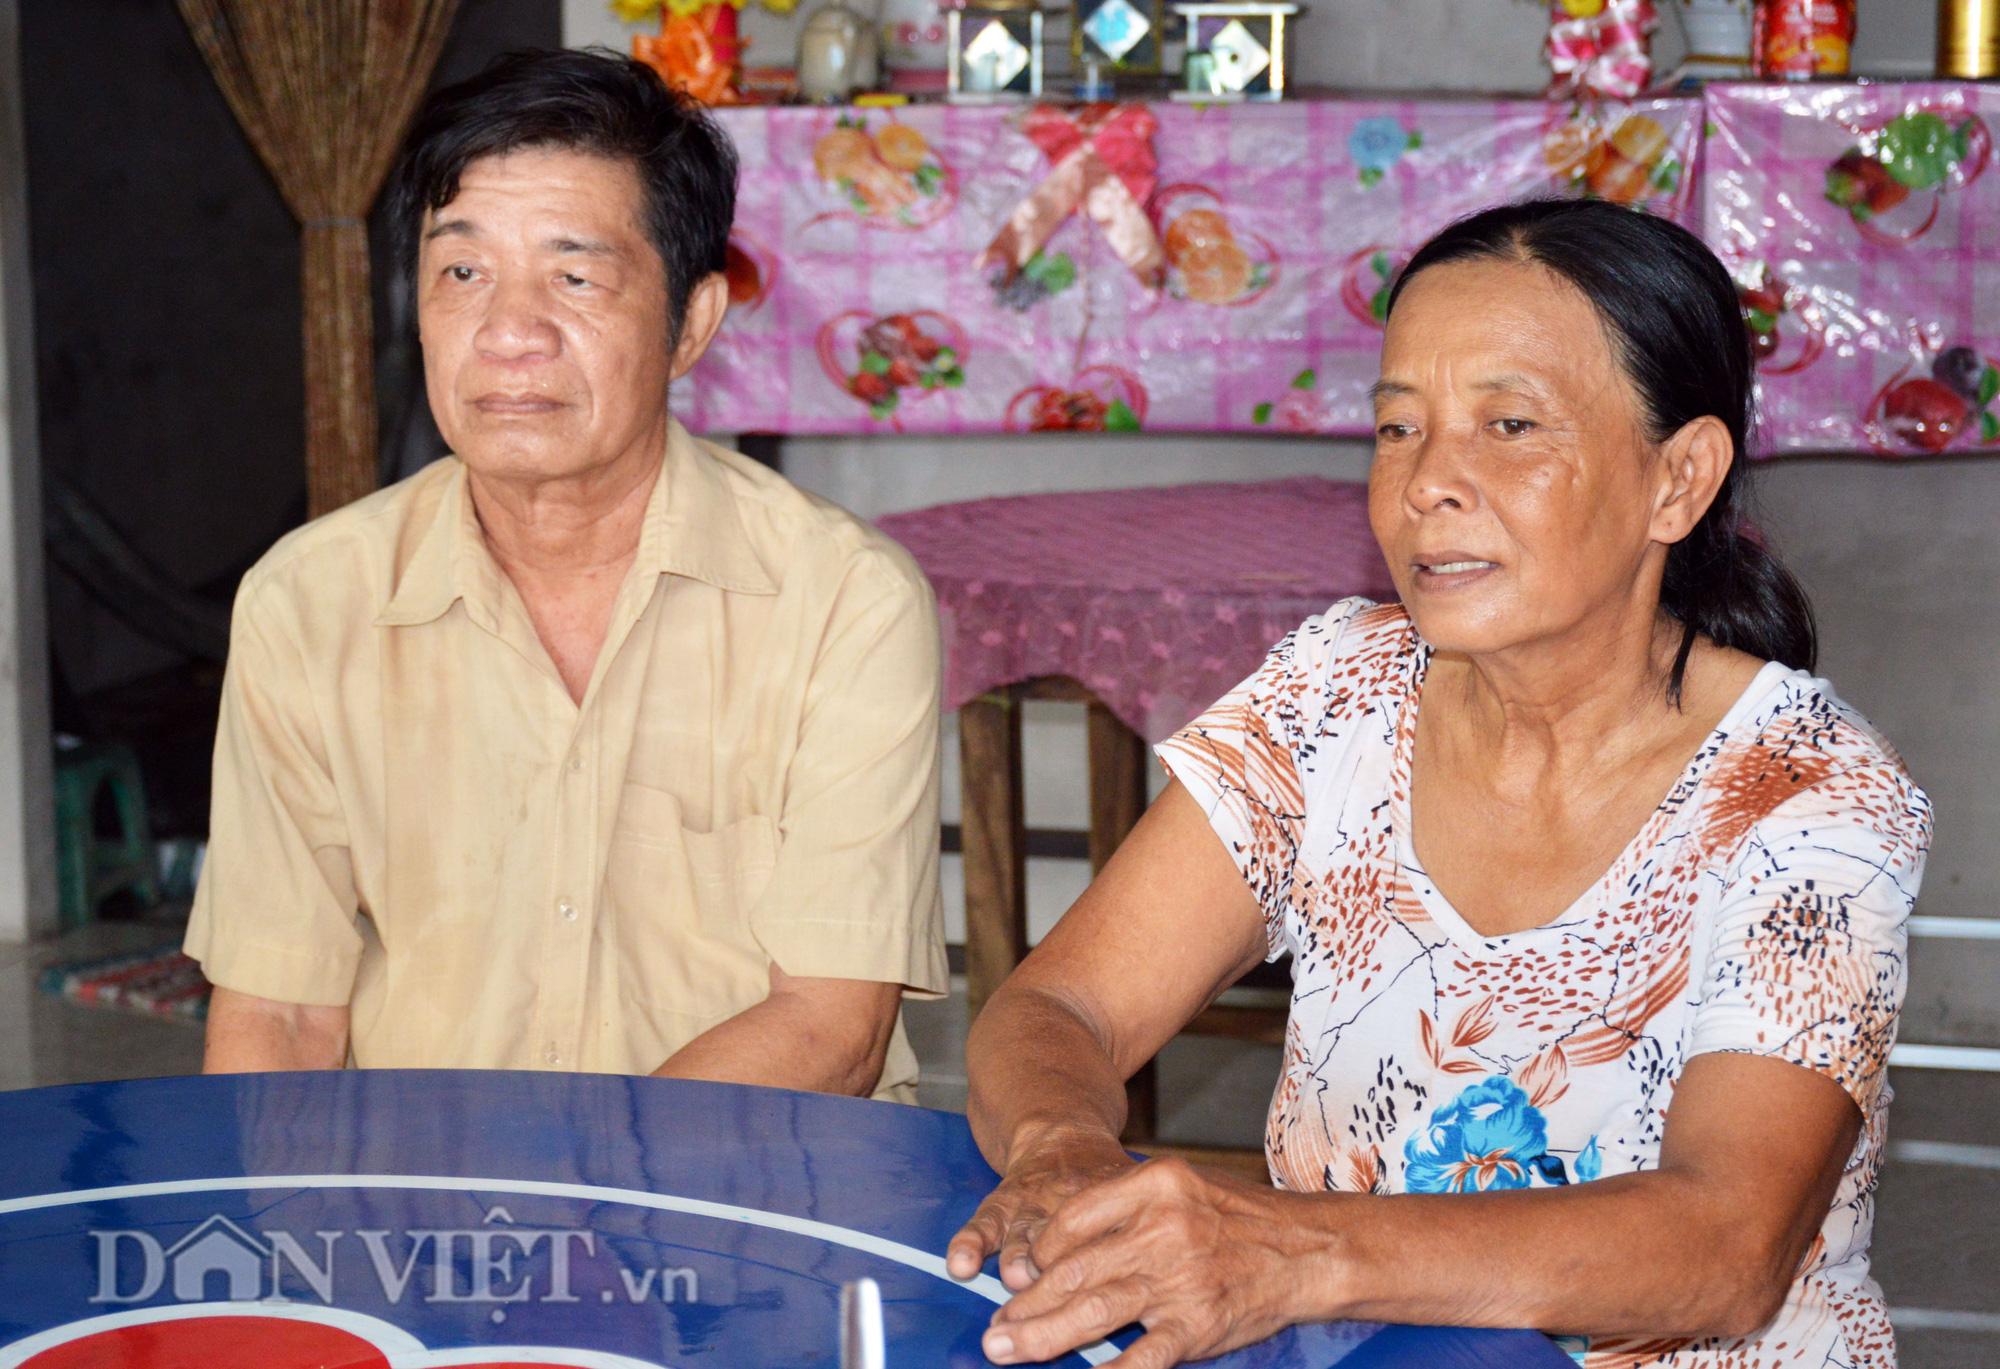 Cà Mau: Vợ chồng U70 xin được thoát nghèo - Ảnh 2.